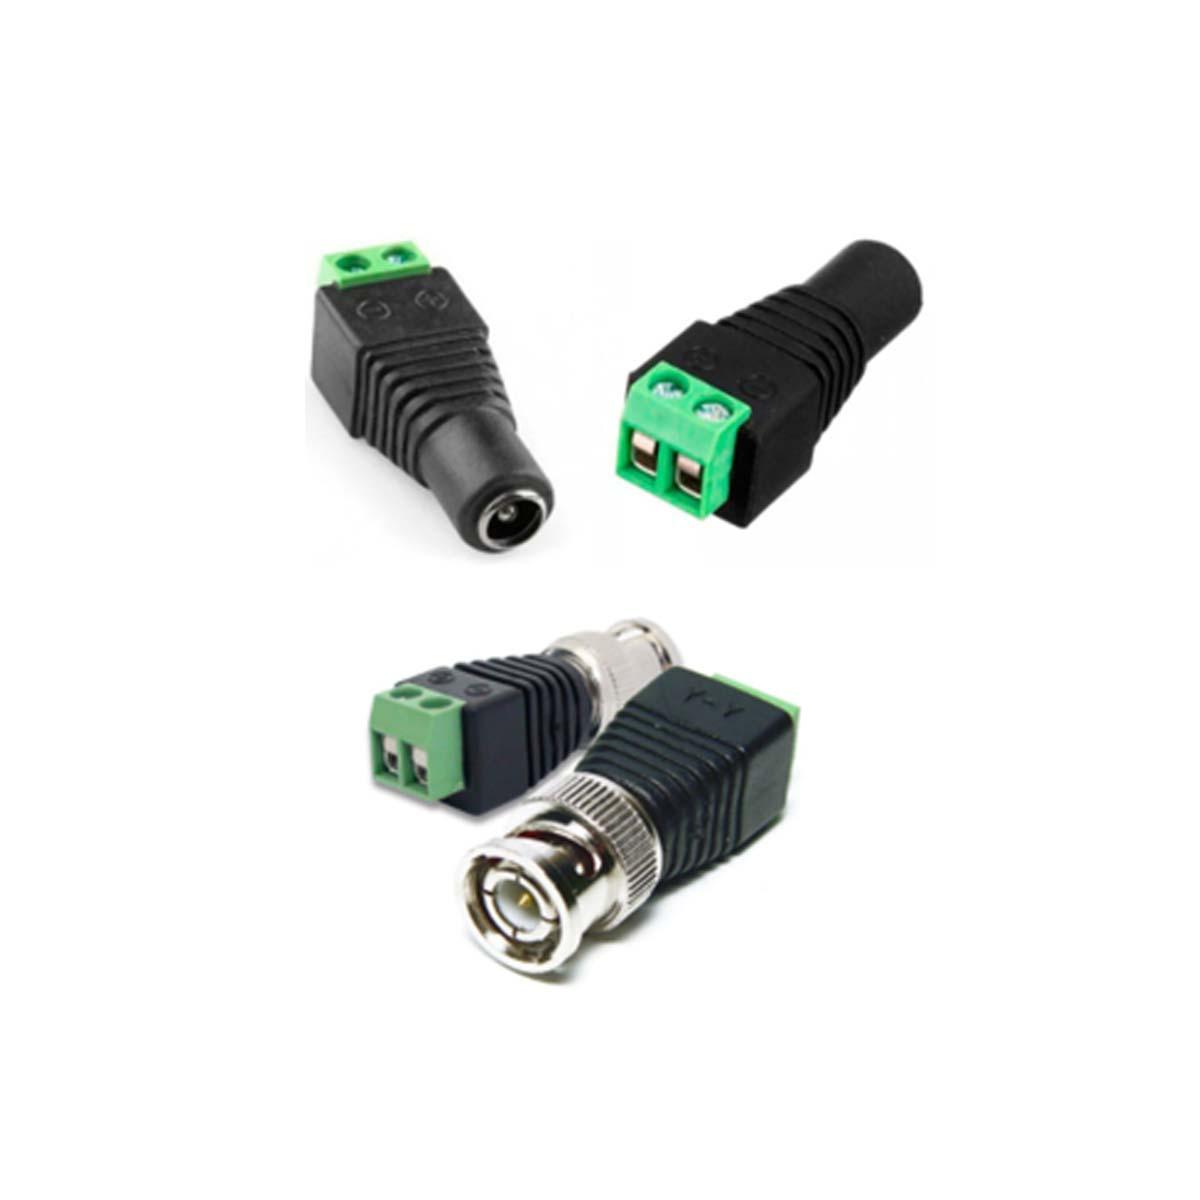 Kit CFTV 04 Câmeras VHD 1220 D Black G6 + MHDX 1104 C/ HD 1TB + Acessórios